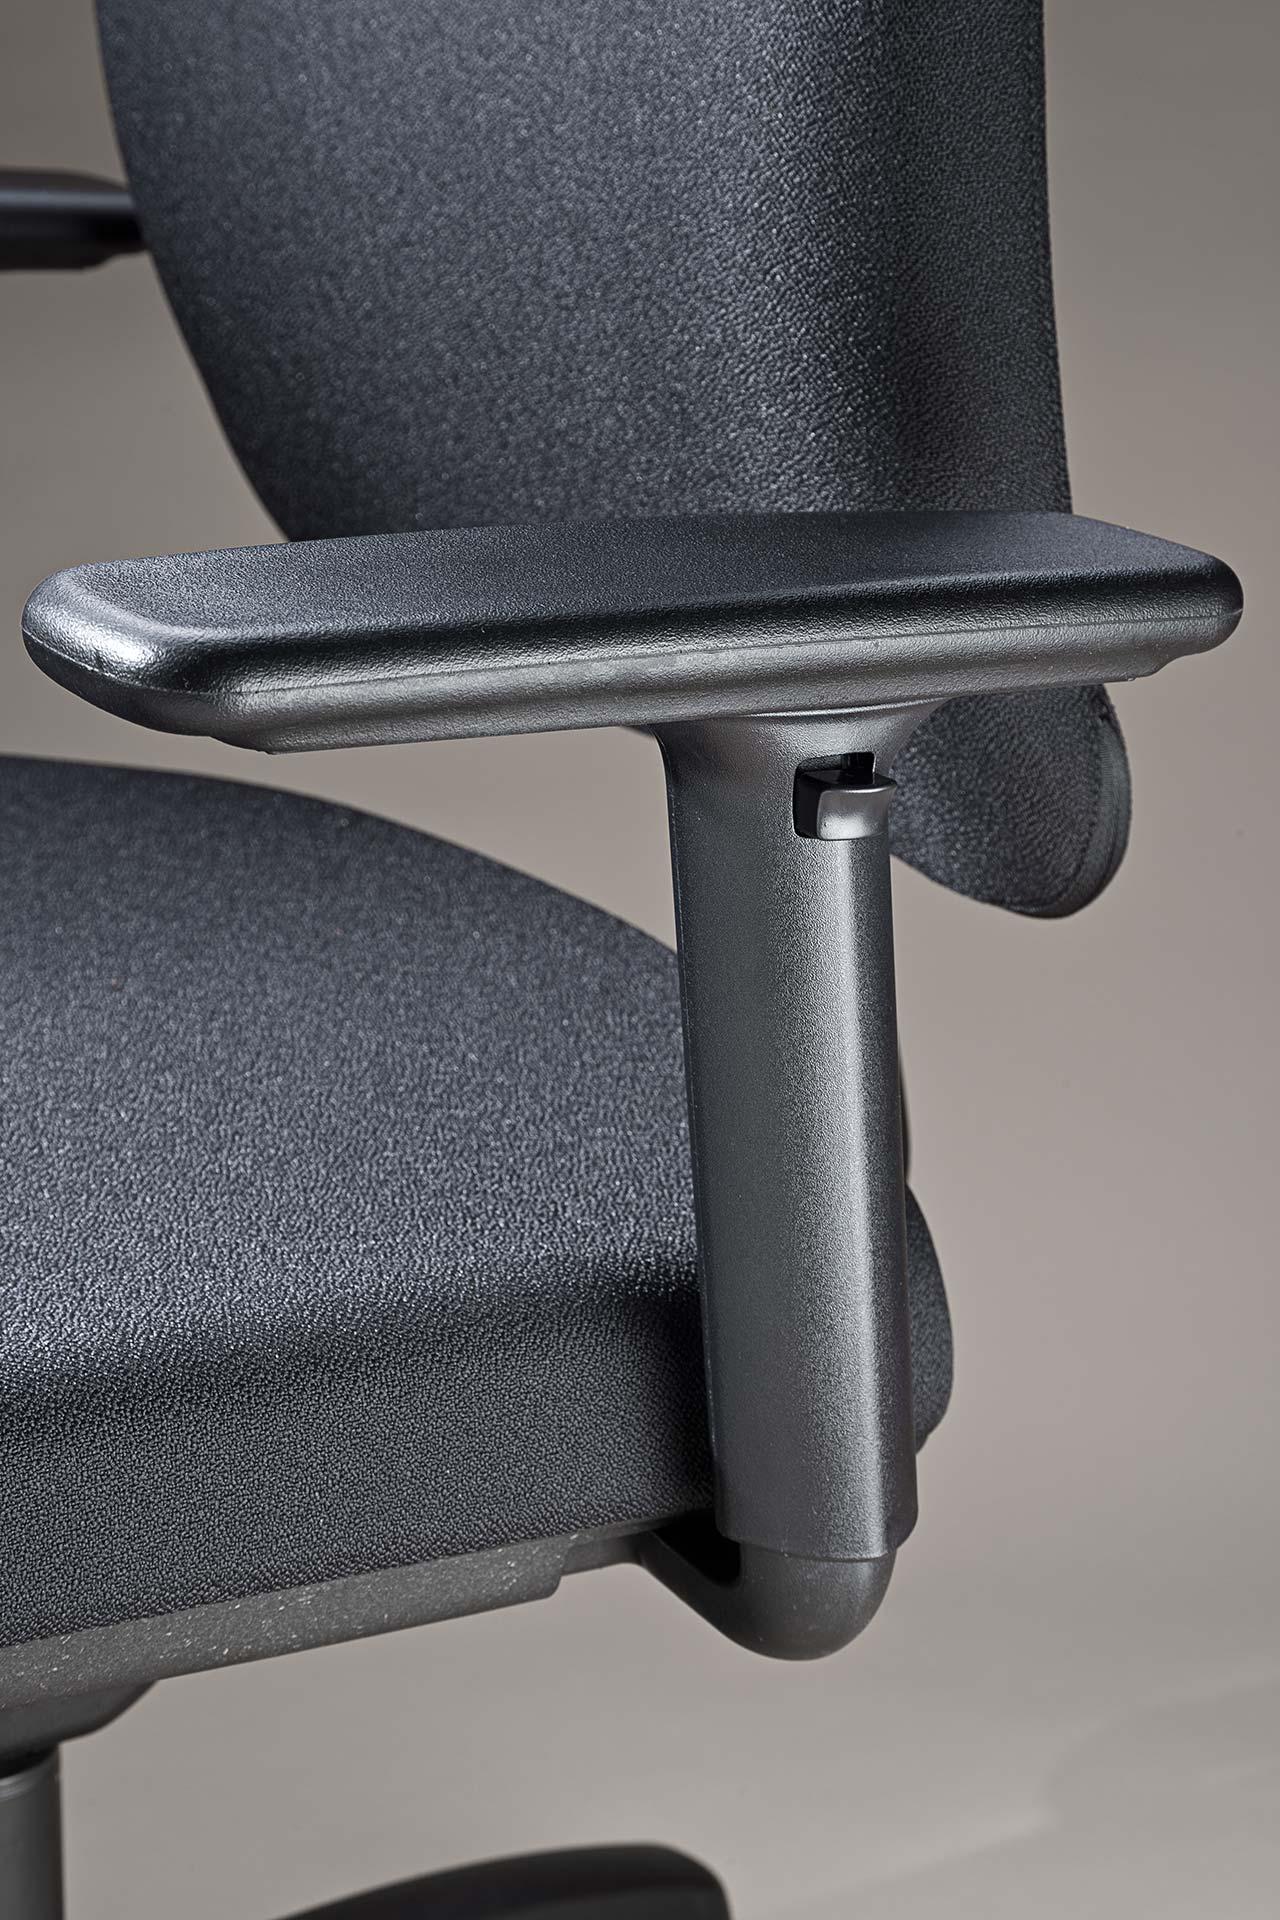 gesund arbeiten gmbh - Bürodrehstuhl motion.plus mit höhenverstellbare Armlehnen mit schwarzem Kunststoff-Träger